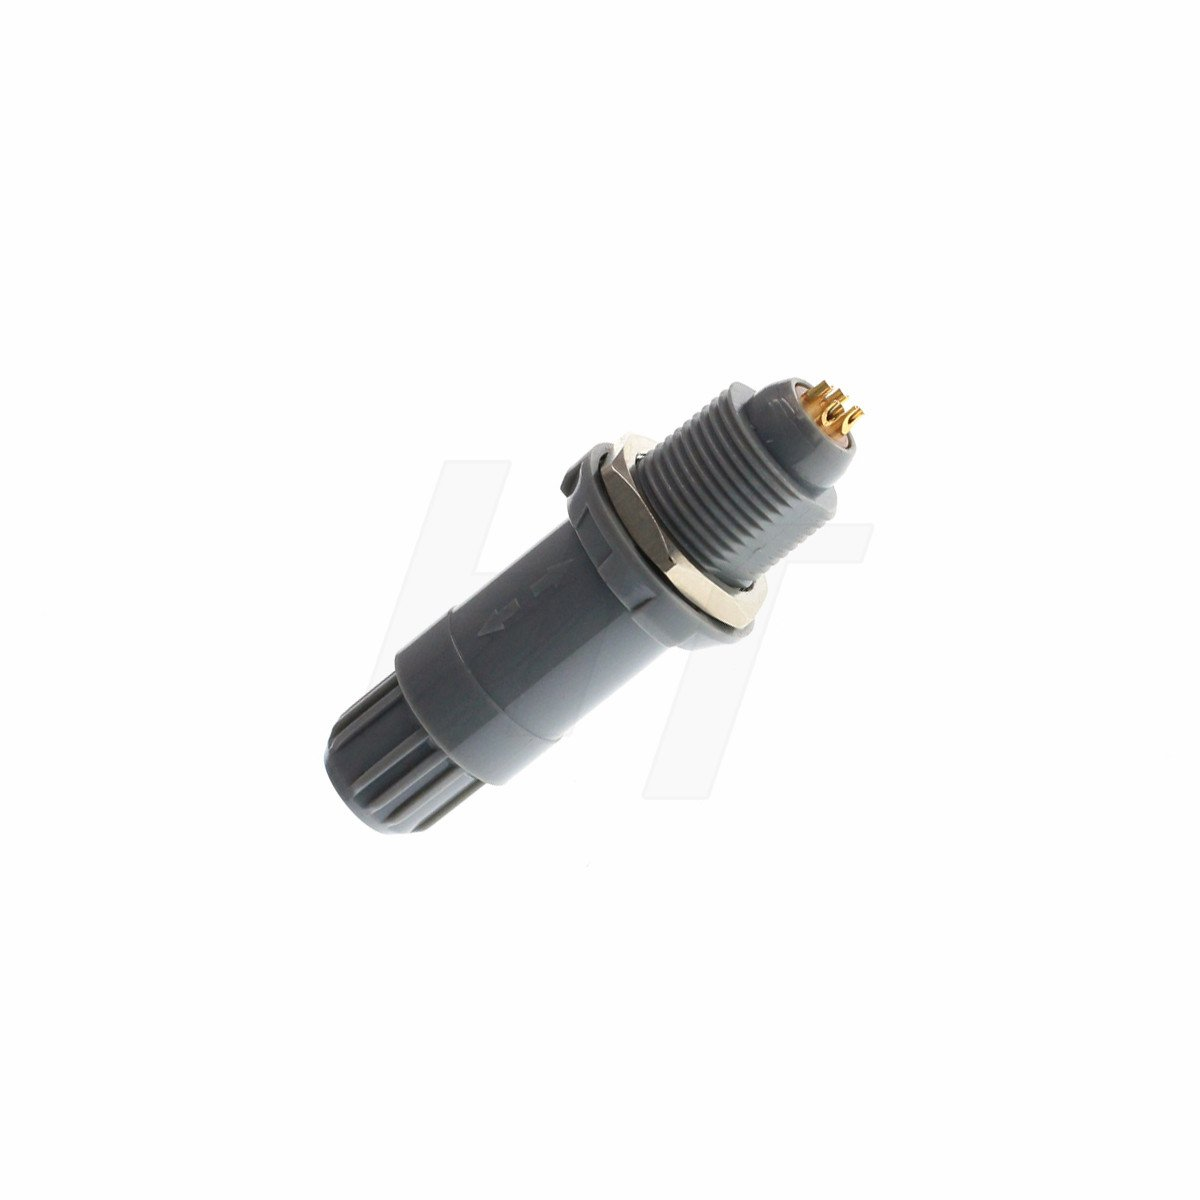 Conector Circular de pl/ástico para Enchufe Macho Macho a Hembra, 2 Unidades HangTon 1P